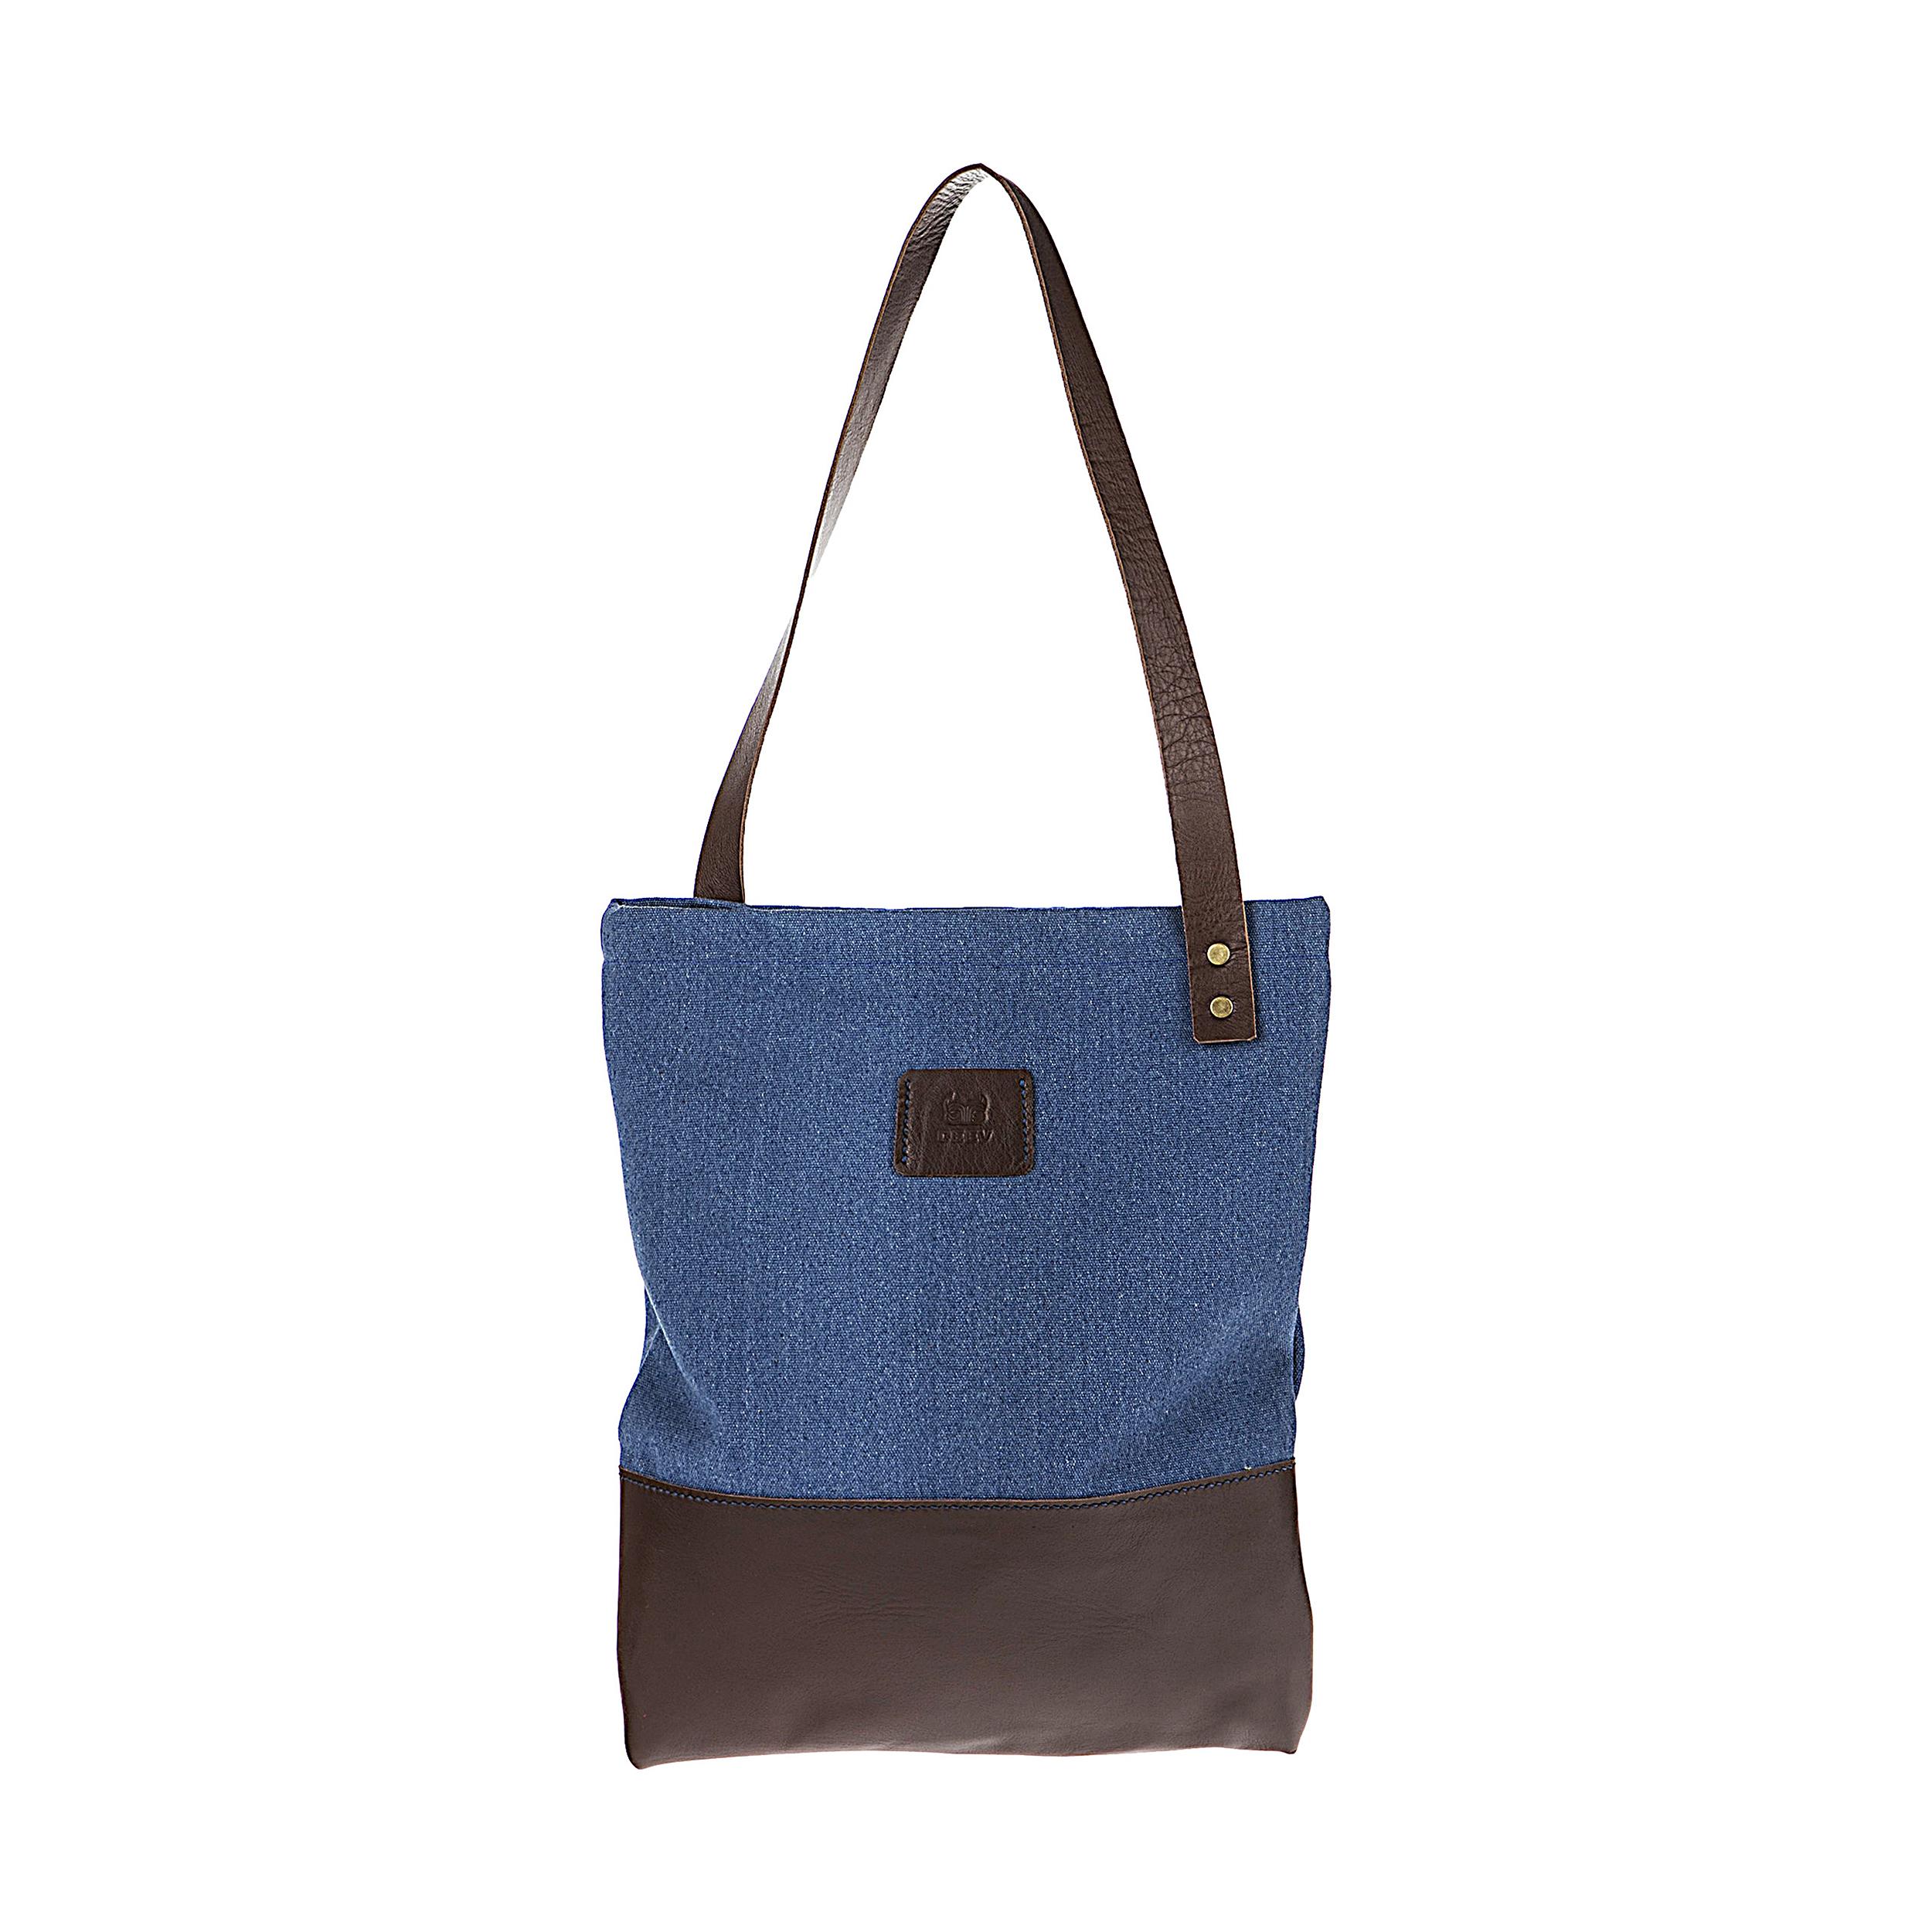 کیف دوشی زنانه دیو مدل 1573119-3657